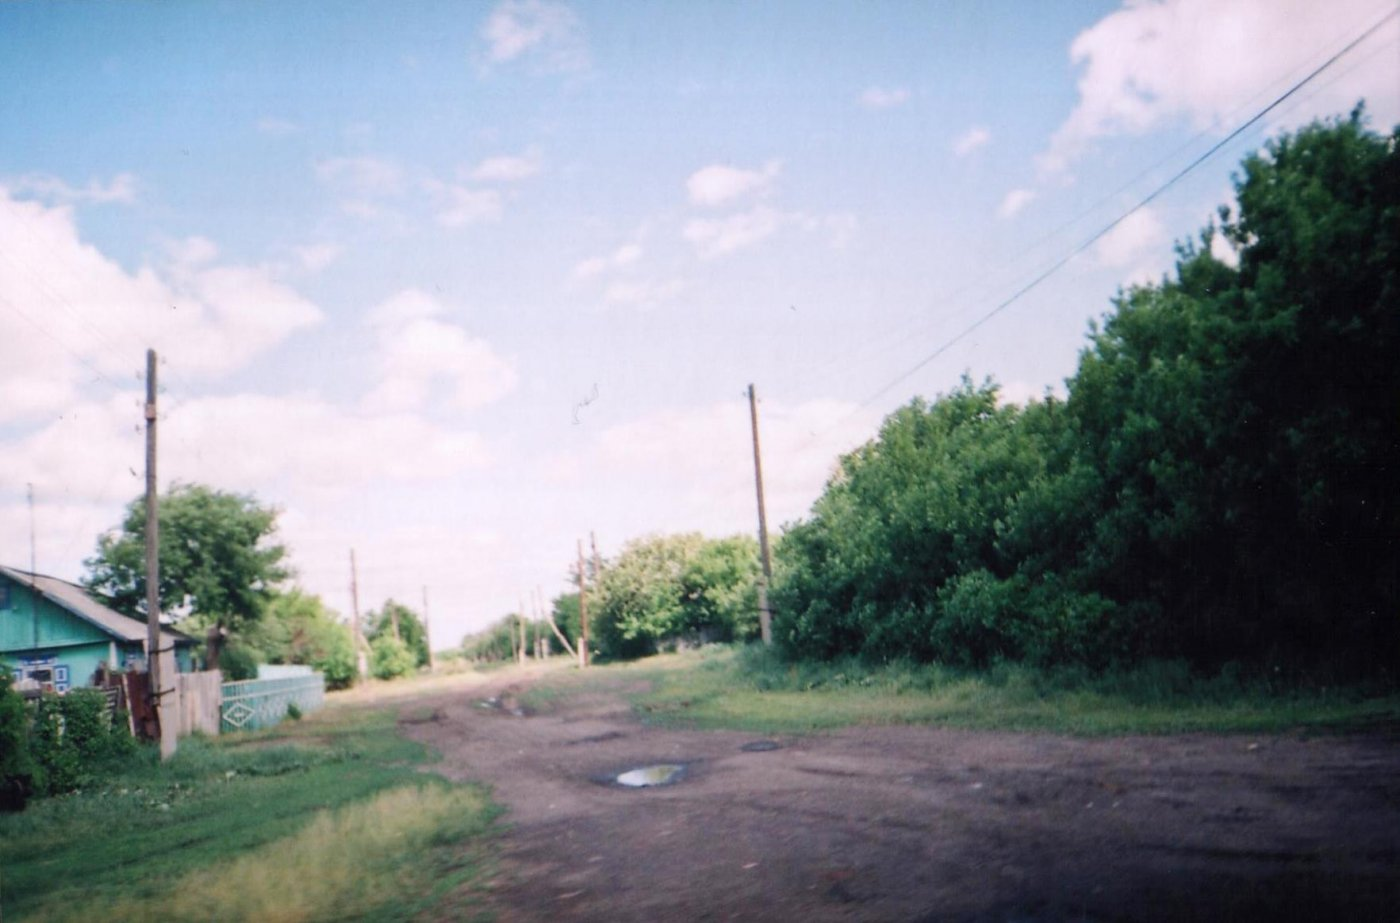 Фото курдай 037.jpg. Казахстан, Северо-Казахстанская область, A-16